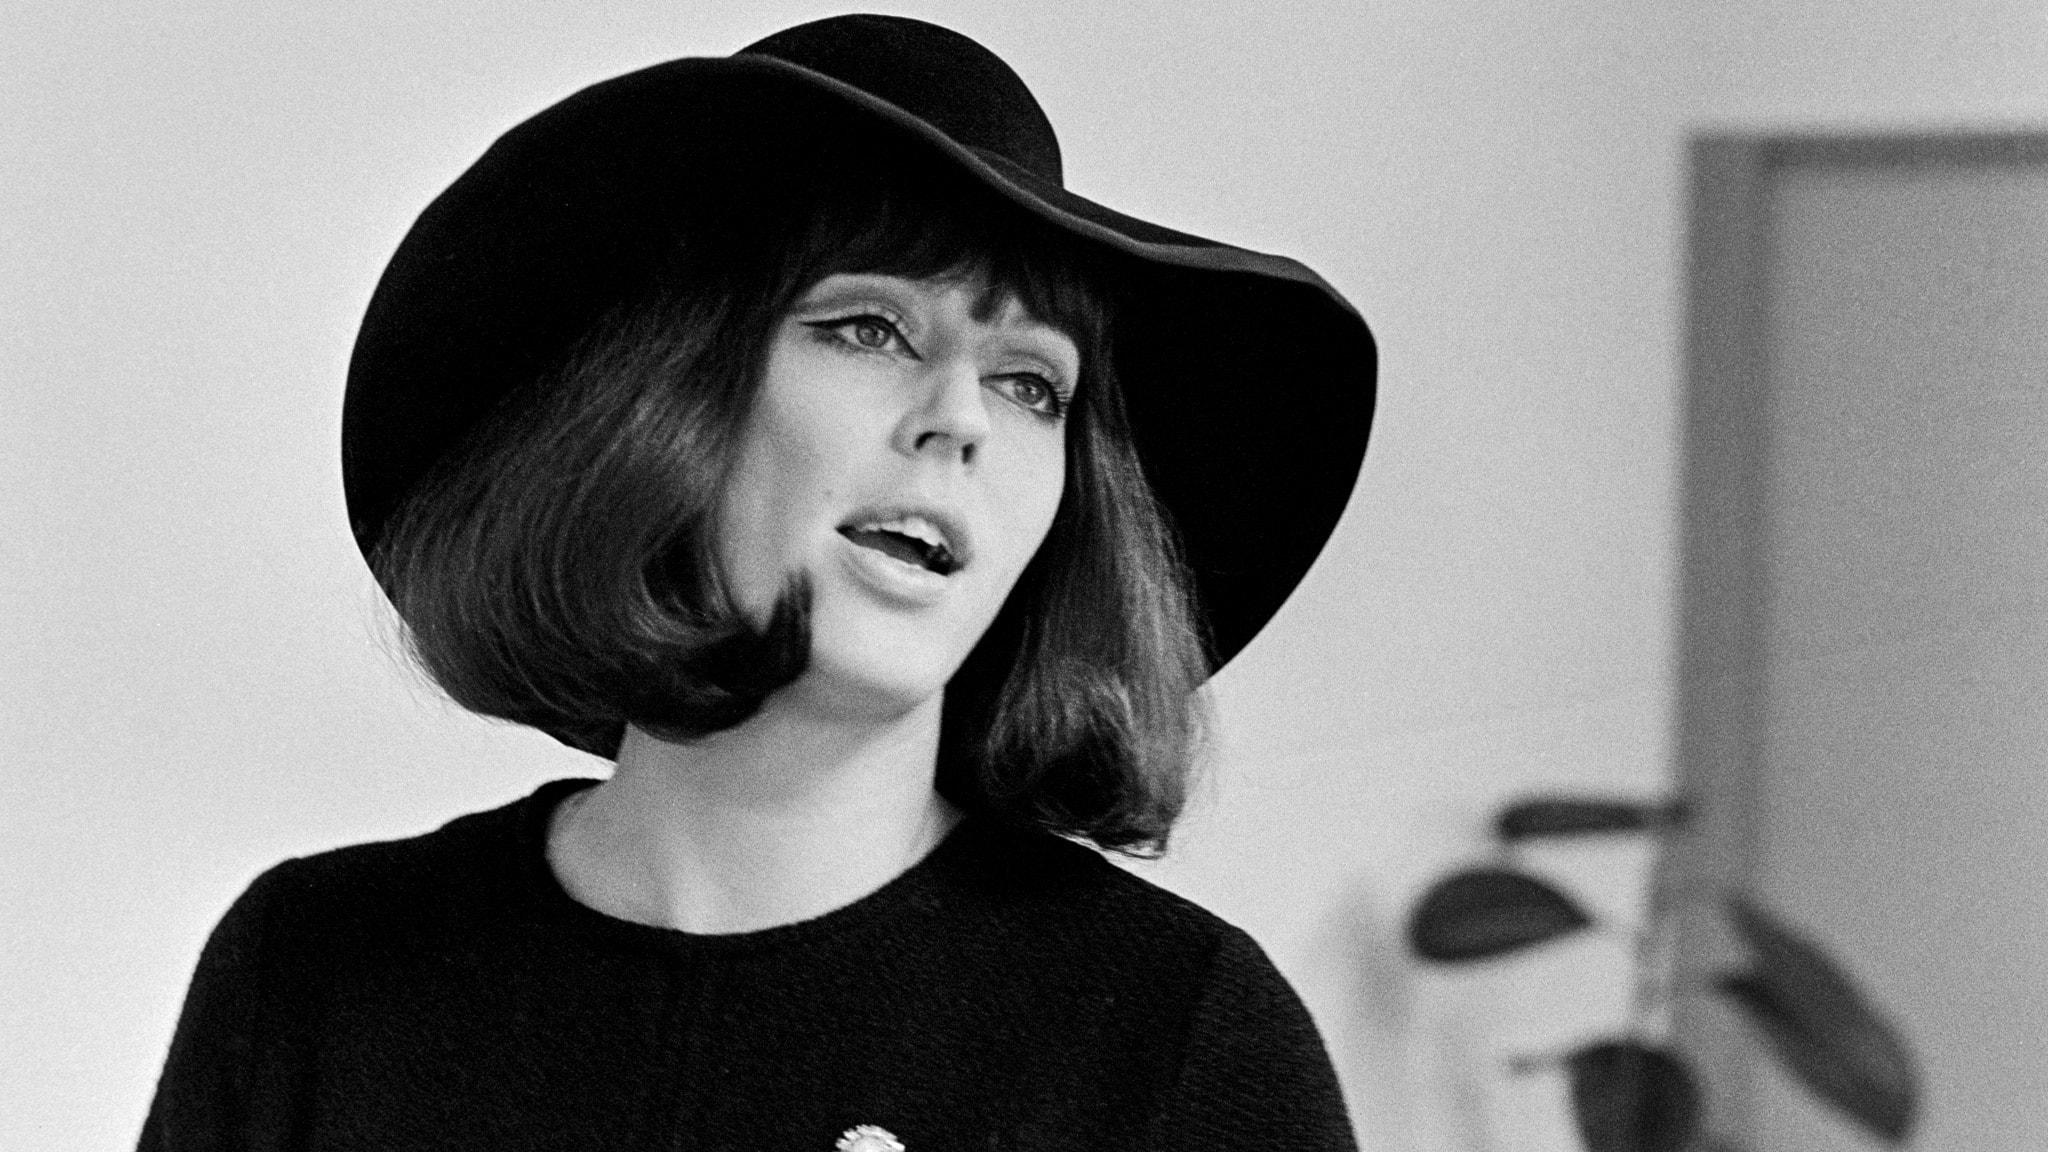 Lill Lindfors i stor svart hatt, 1968